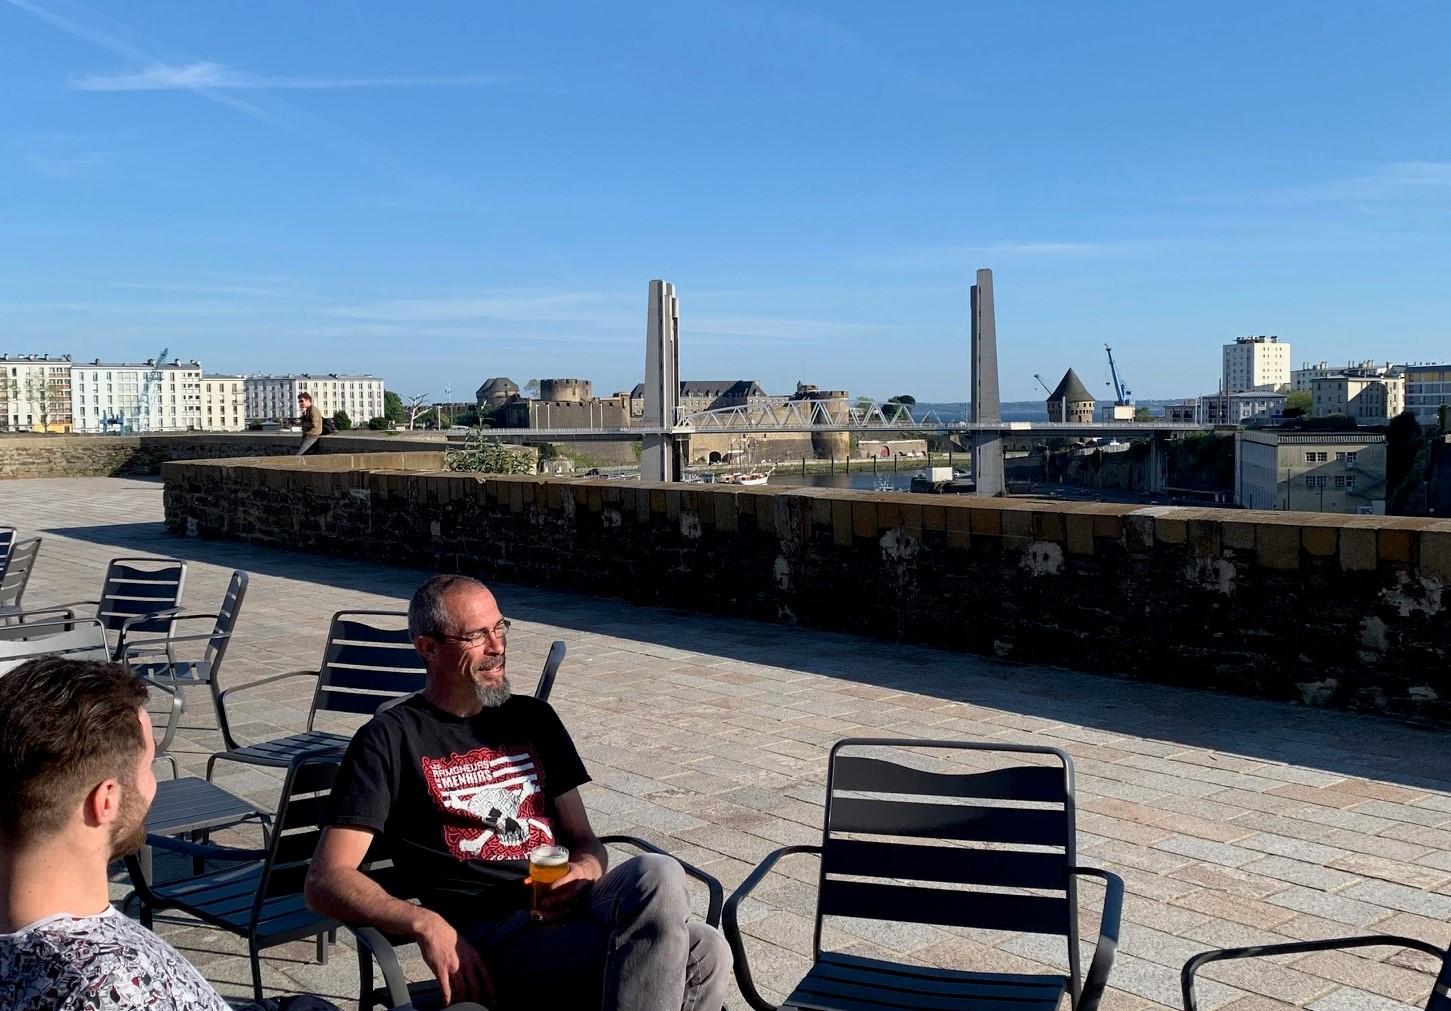 Ateliers des Capucins, Brest